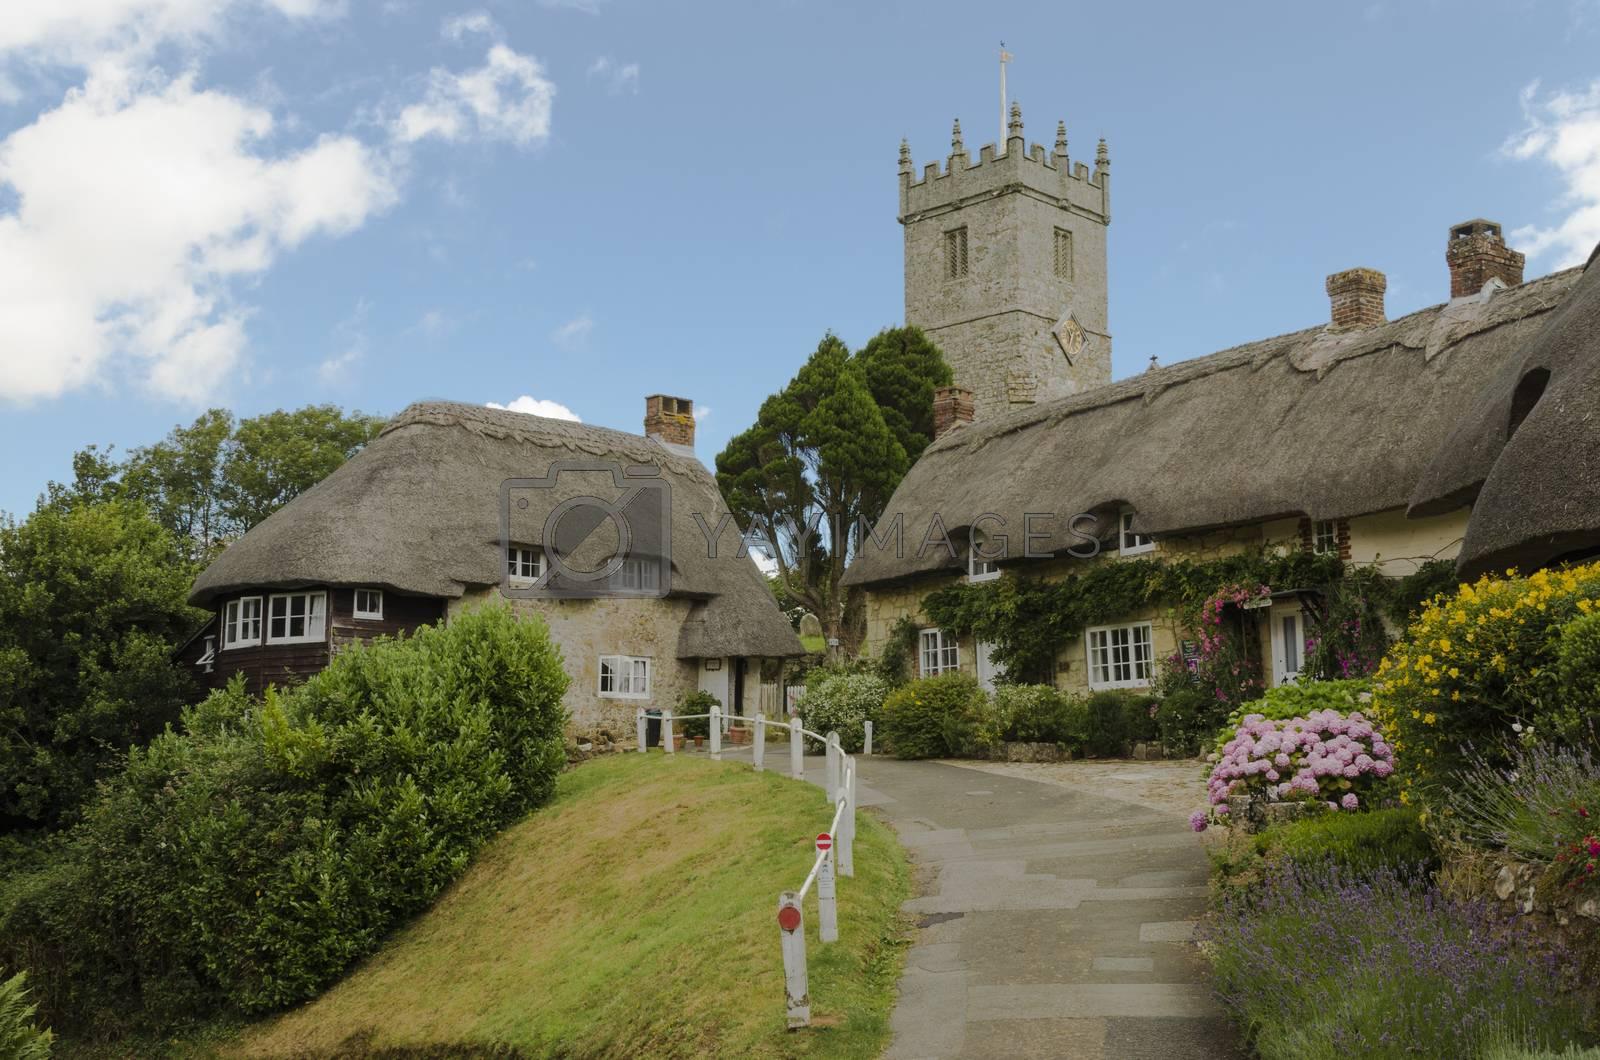 Royalty free image of Church Hill, Godshill, Isle of Wight by JohnDavidPhoto